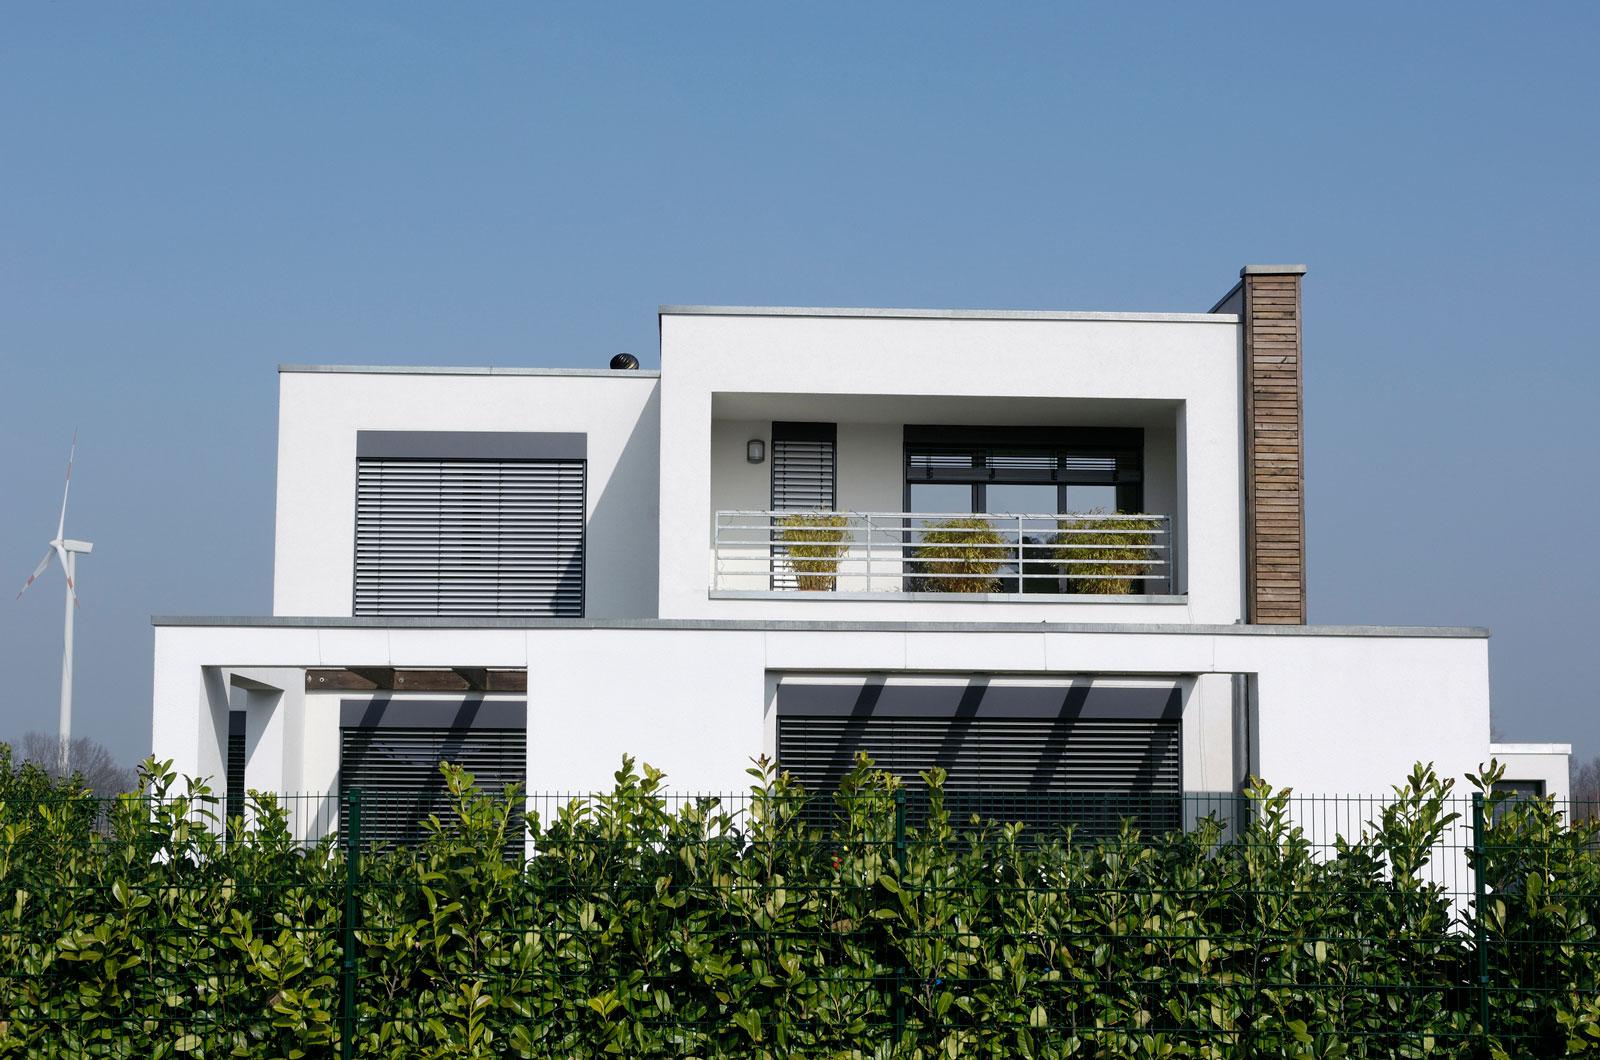 Aufgelockerte Architektur: Das Flachdach ermöglicht einen großen Spielraum bei der Hausgestaltung.